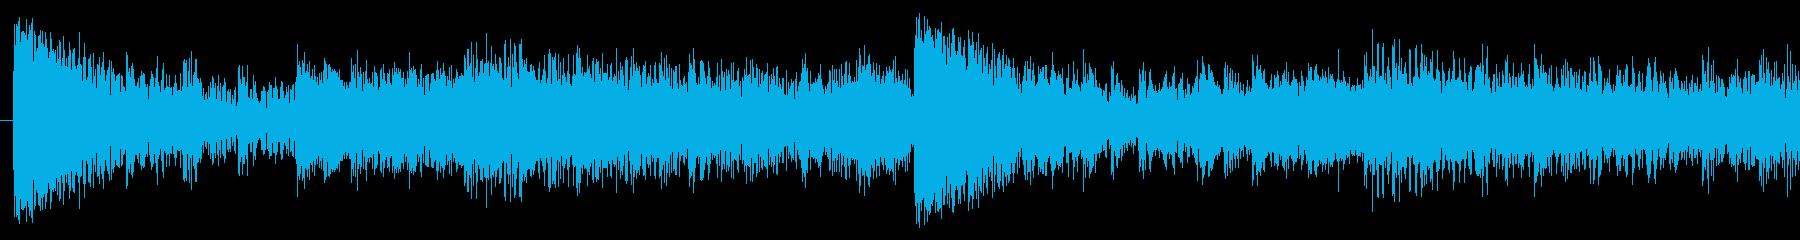 少し怪しさのあるロック-30秒Verの再生済みの波形